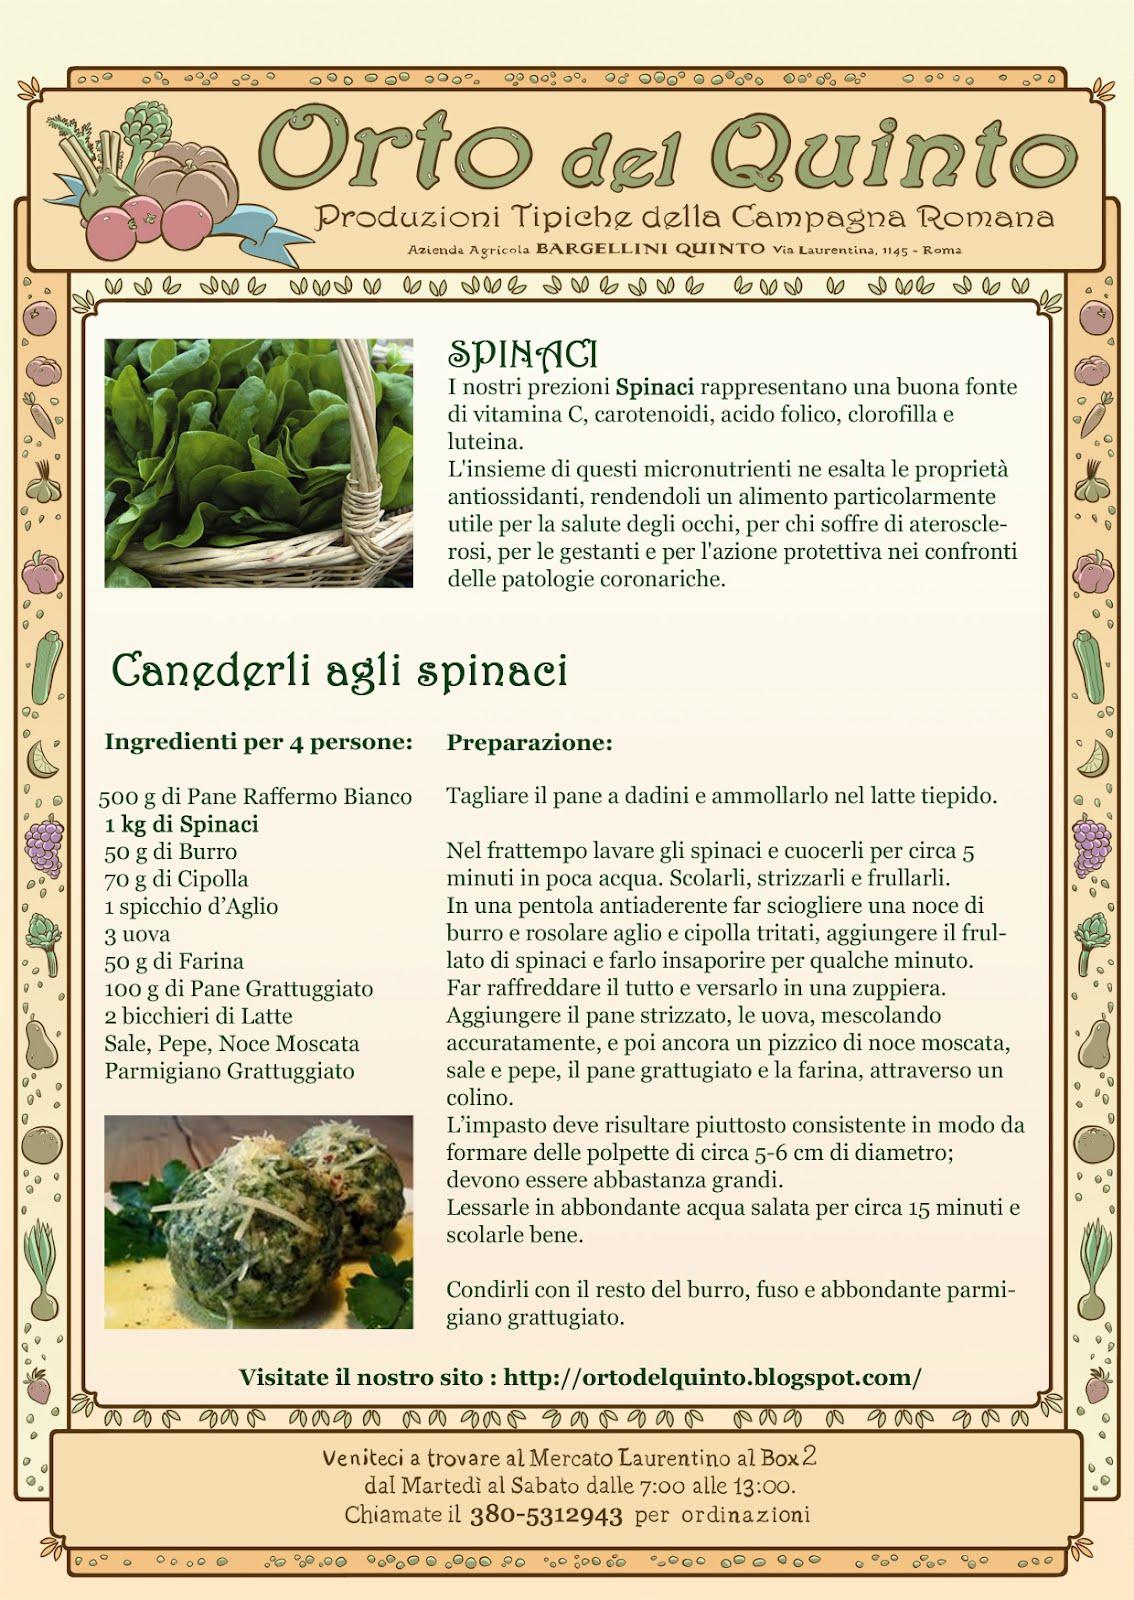 Orto del quinto cucinare gli spinaci for Cucinare spinaci